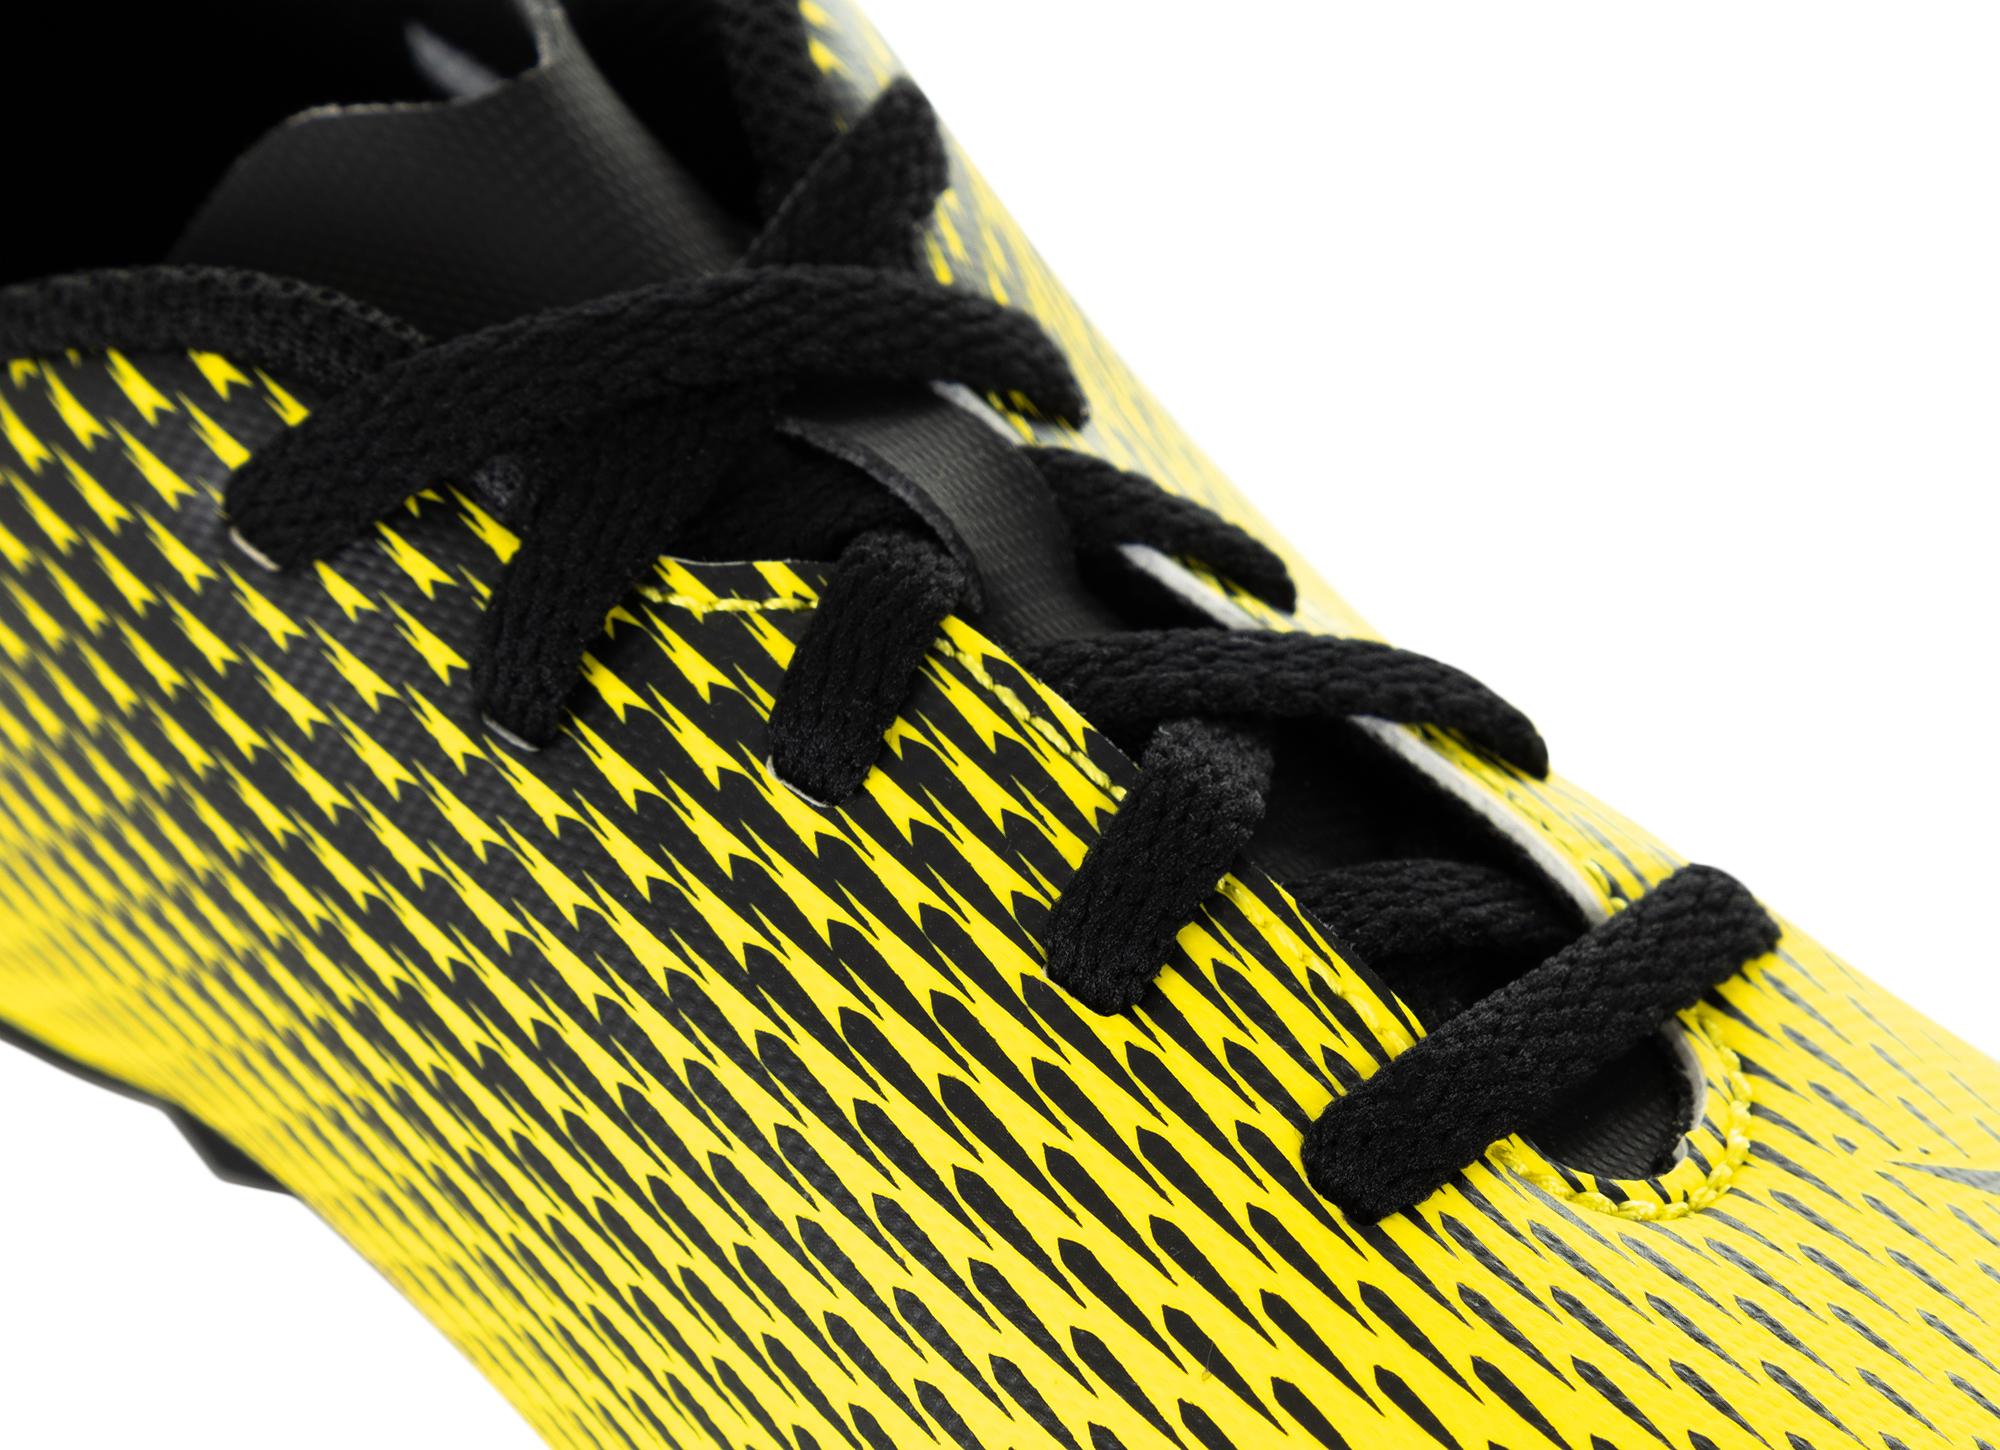 Футбольные бутсы Nike - каталог цен, где купить в интернет-магазинах ... d41eec4e716